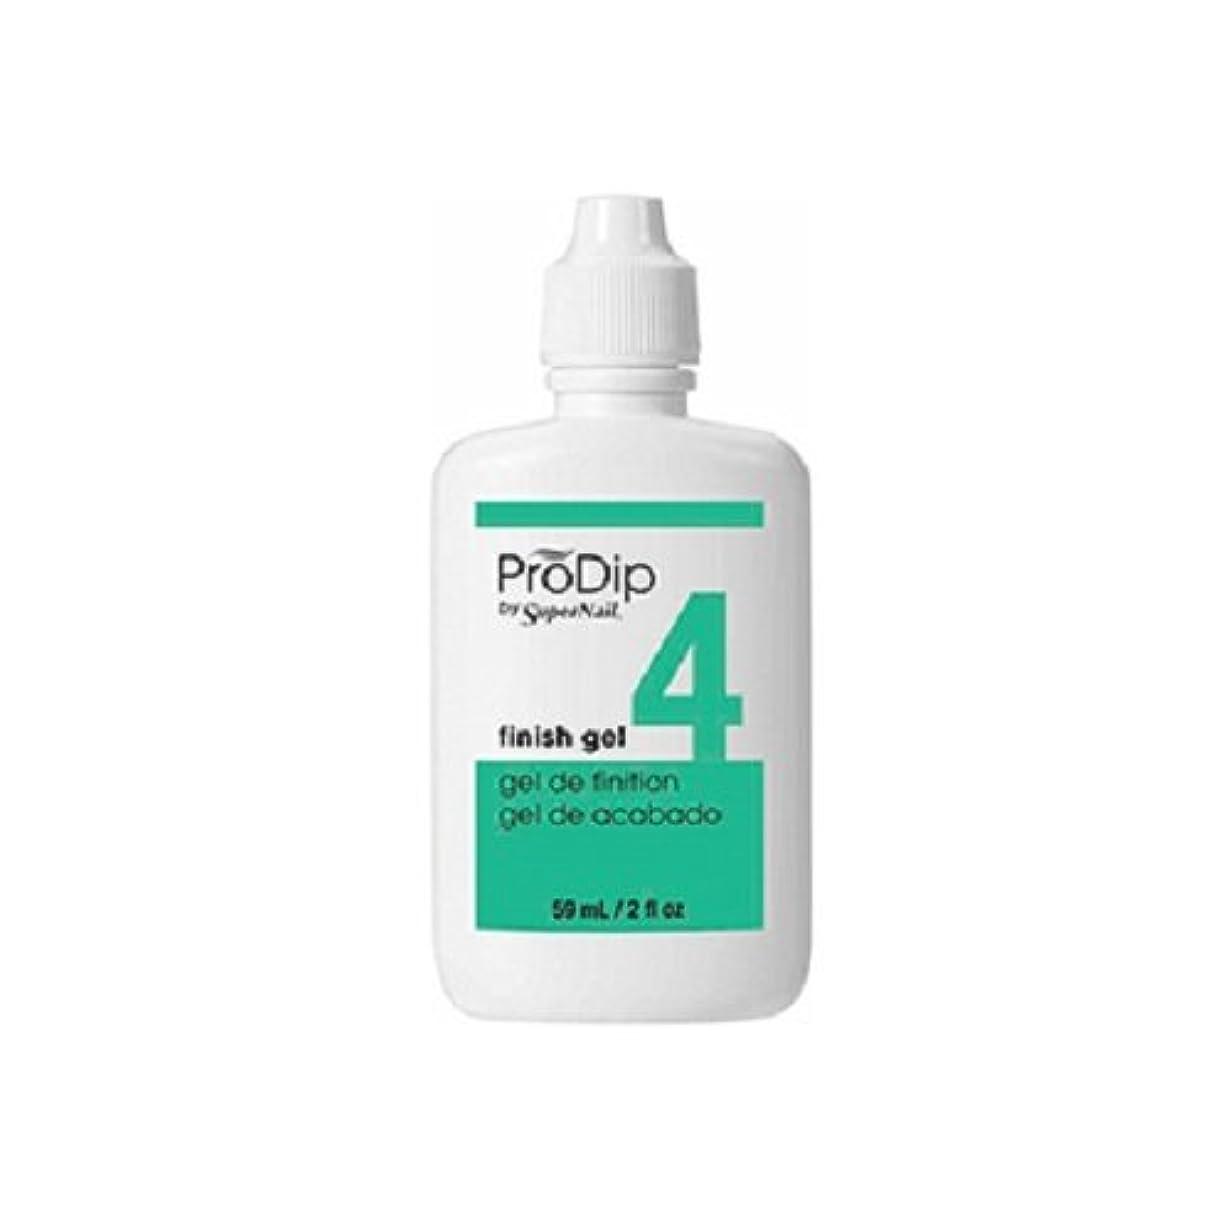 リスナーダウン肉腫SuperNail ProDip - Finish Gel - 59 ml/2 oz